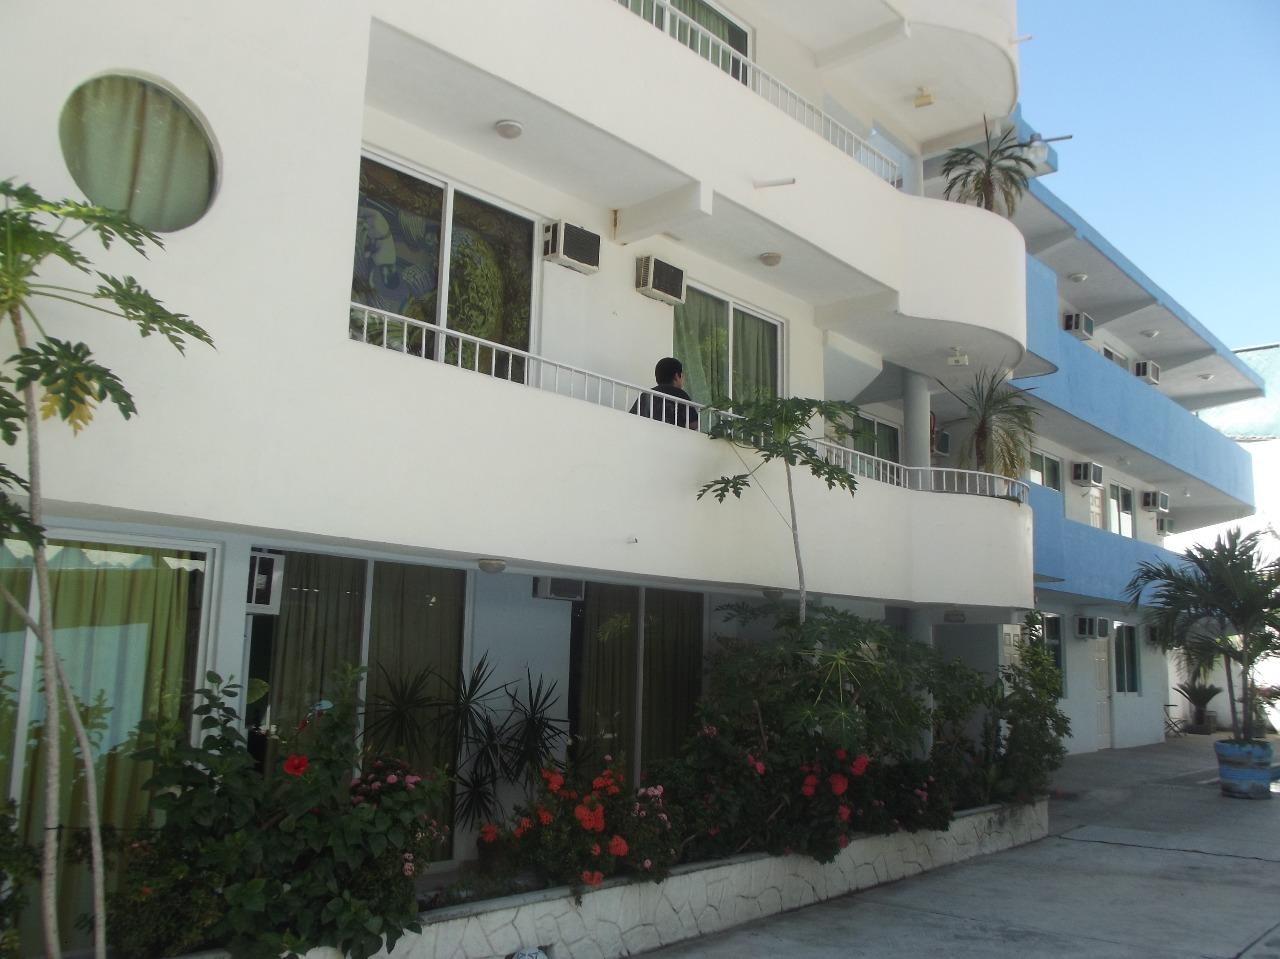 Edificio en venta en el Fraccionamiento Costa Azul en Acapulco